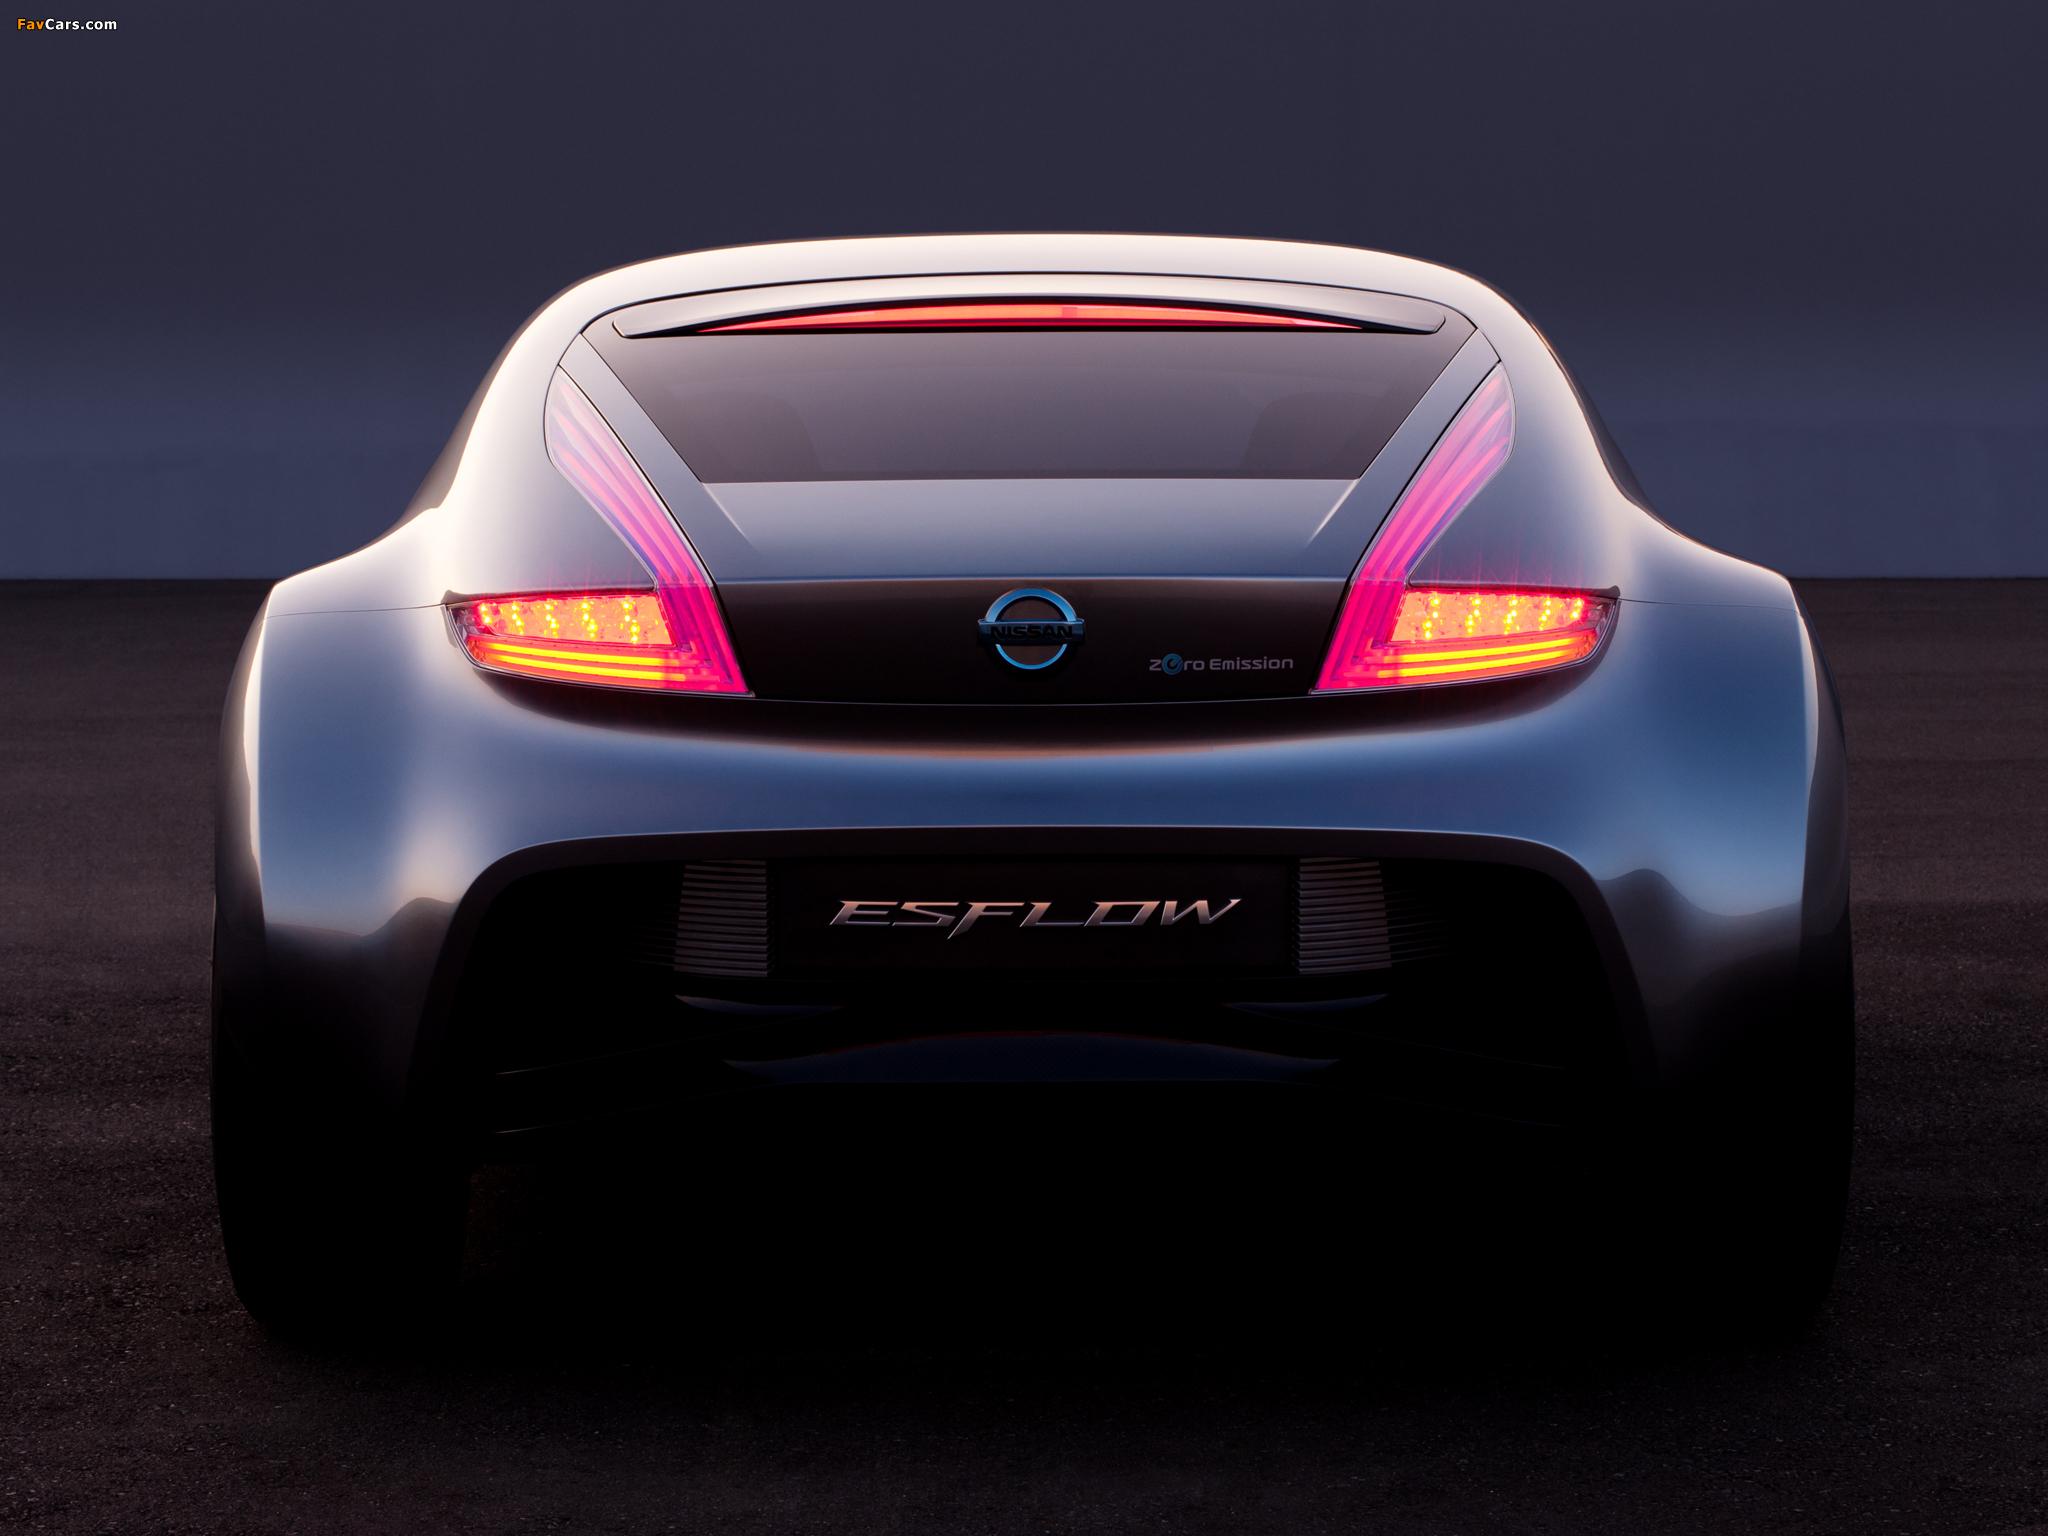 Nissan Esflow Concept 2011 pictures (2048 x 1536)